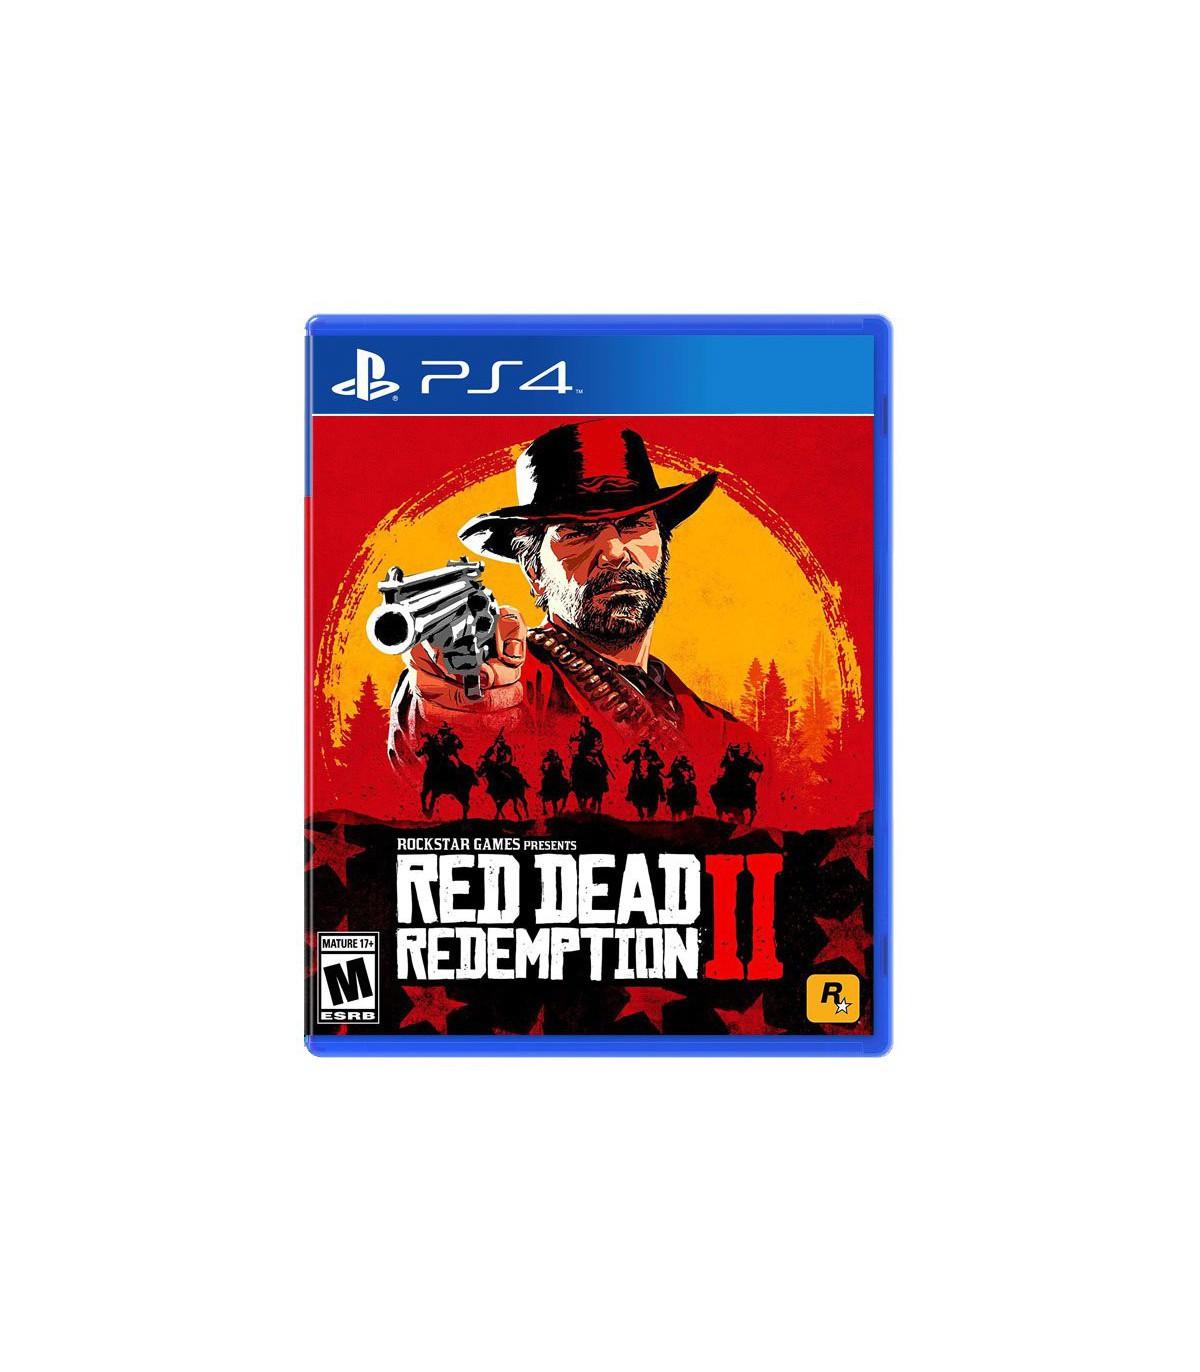 بازی Red Dead Redemption 2 - پلی استیشن 4